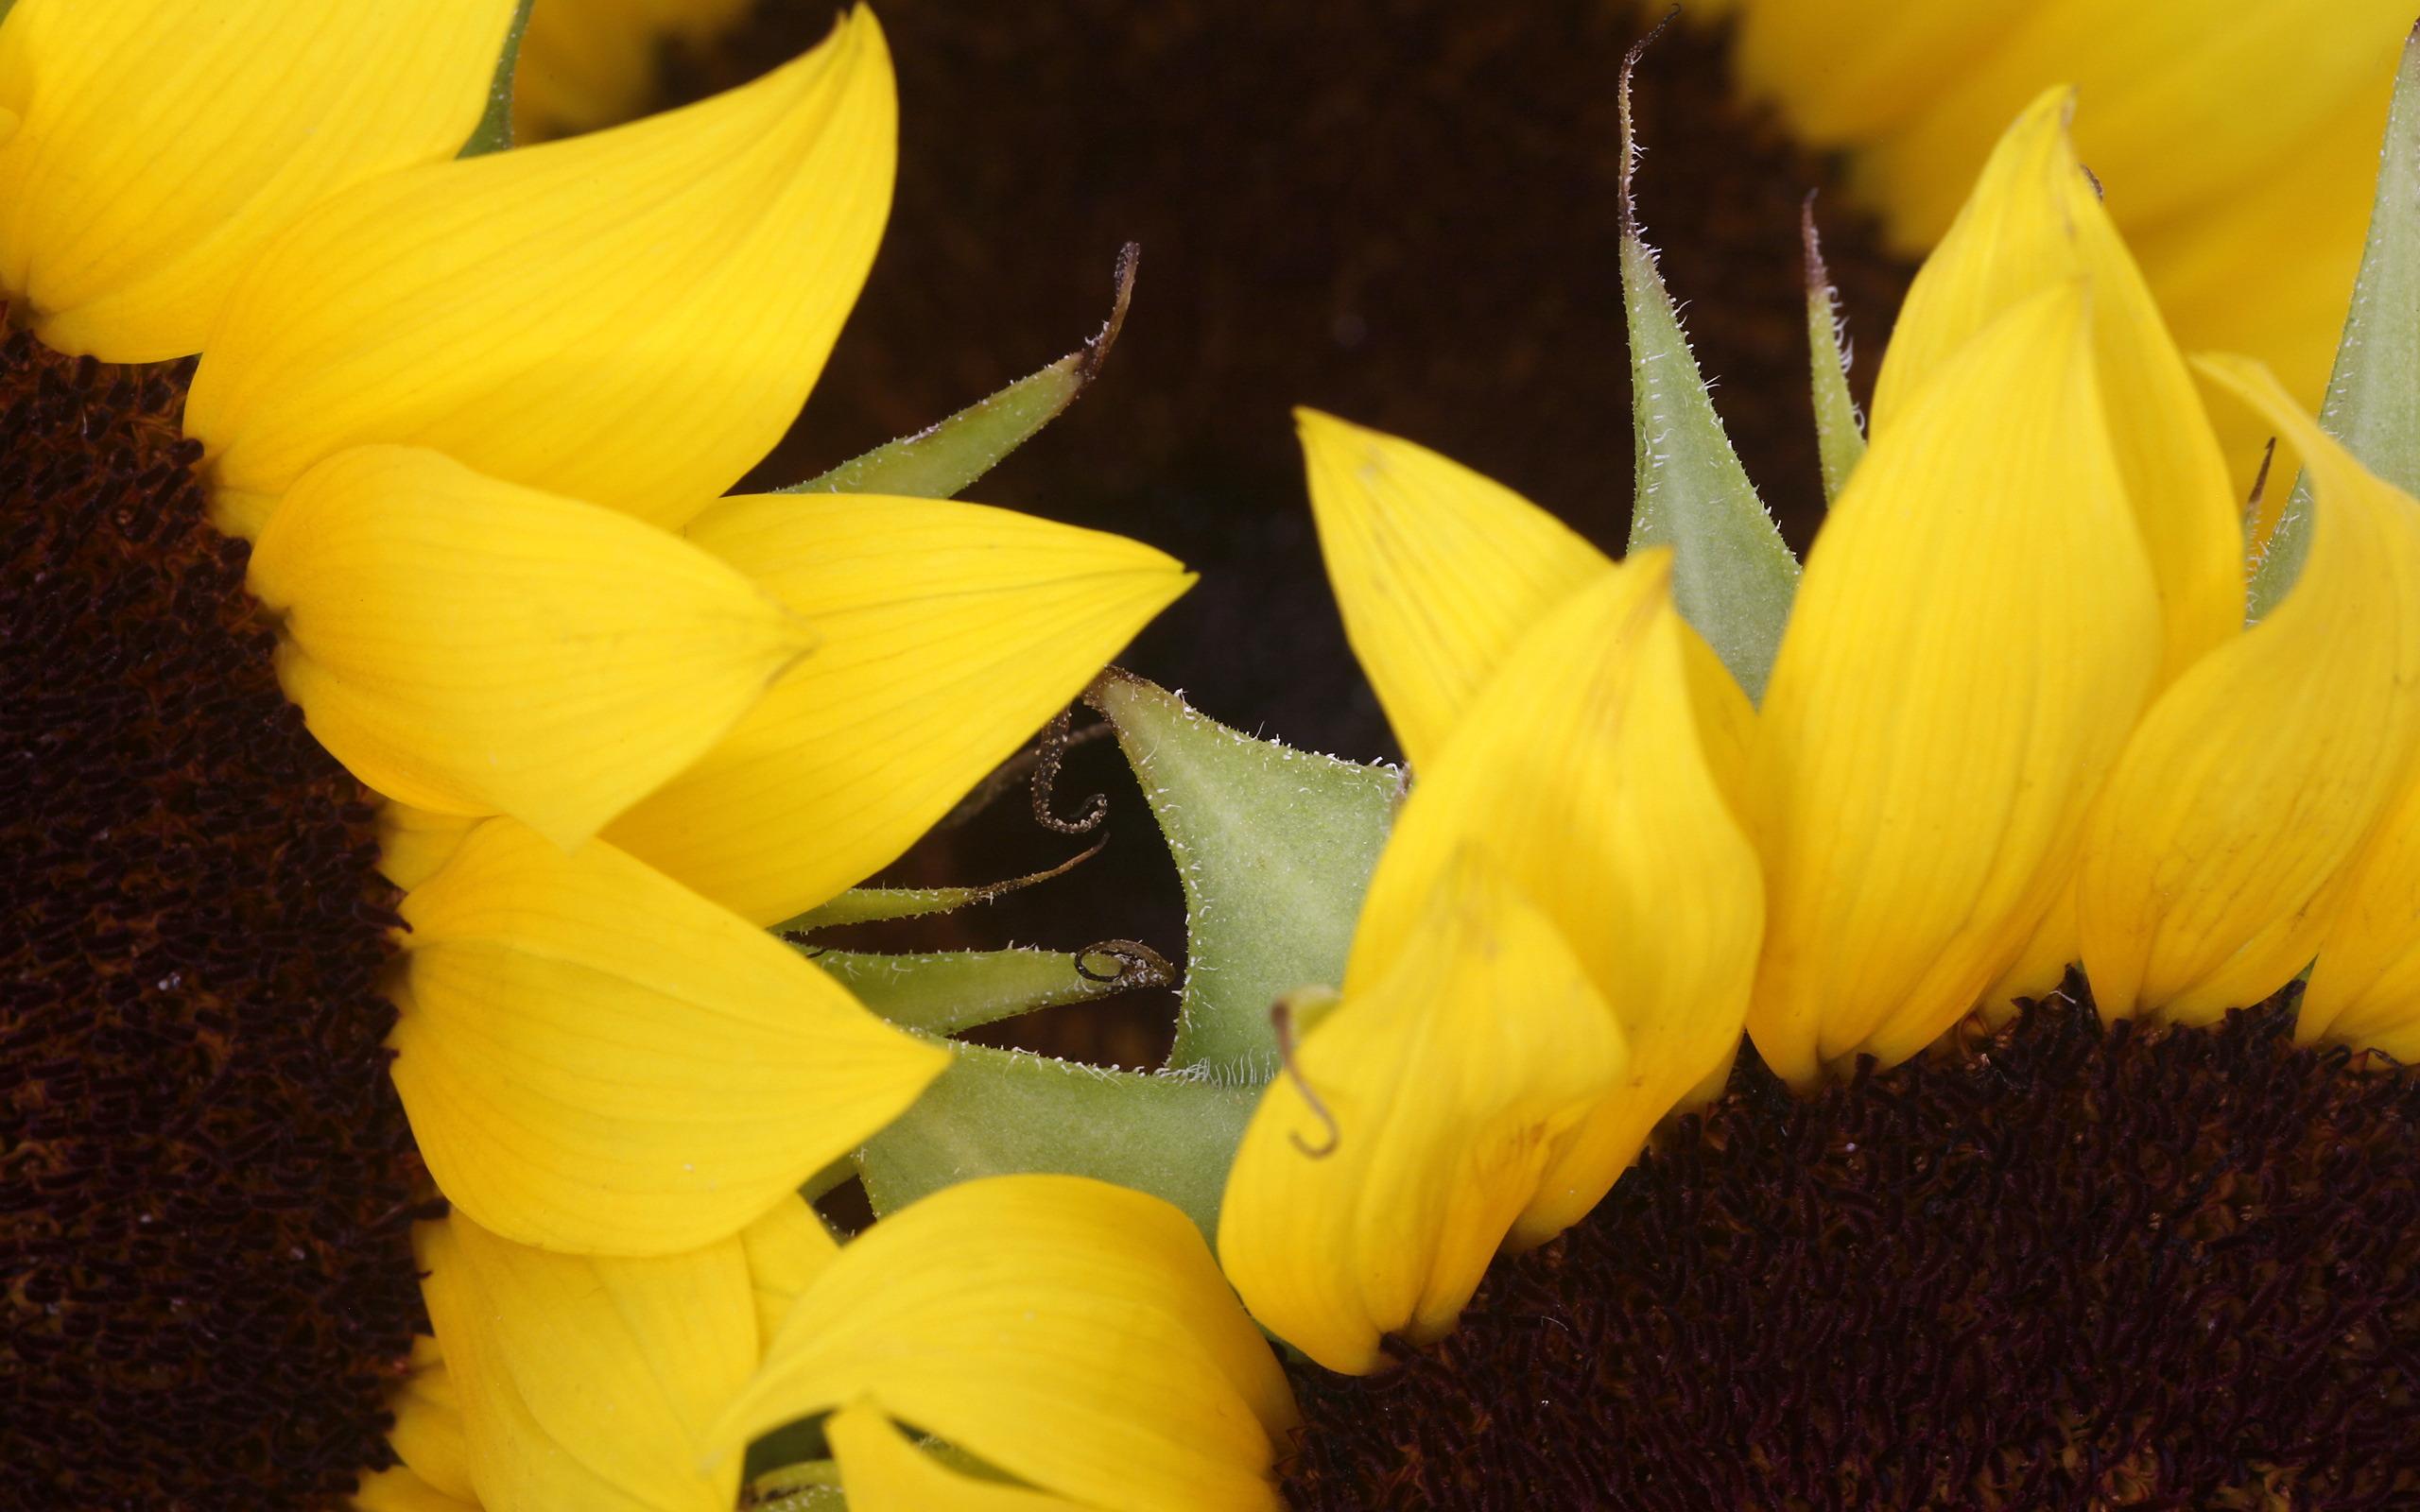 wallpaper of sunflower